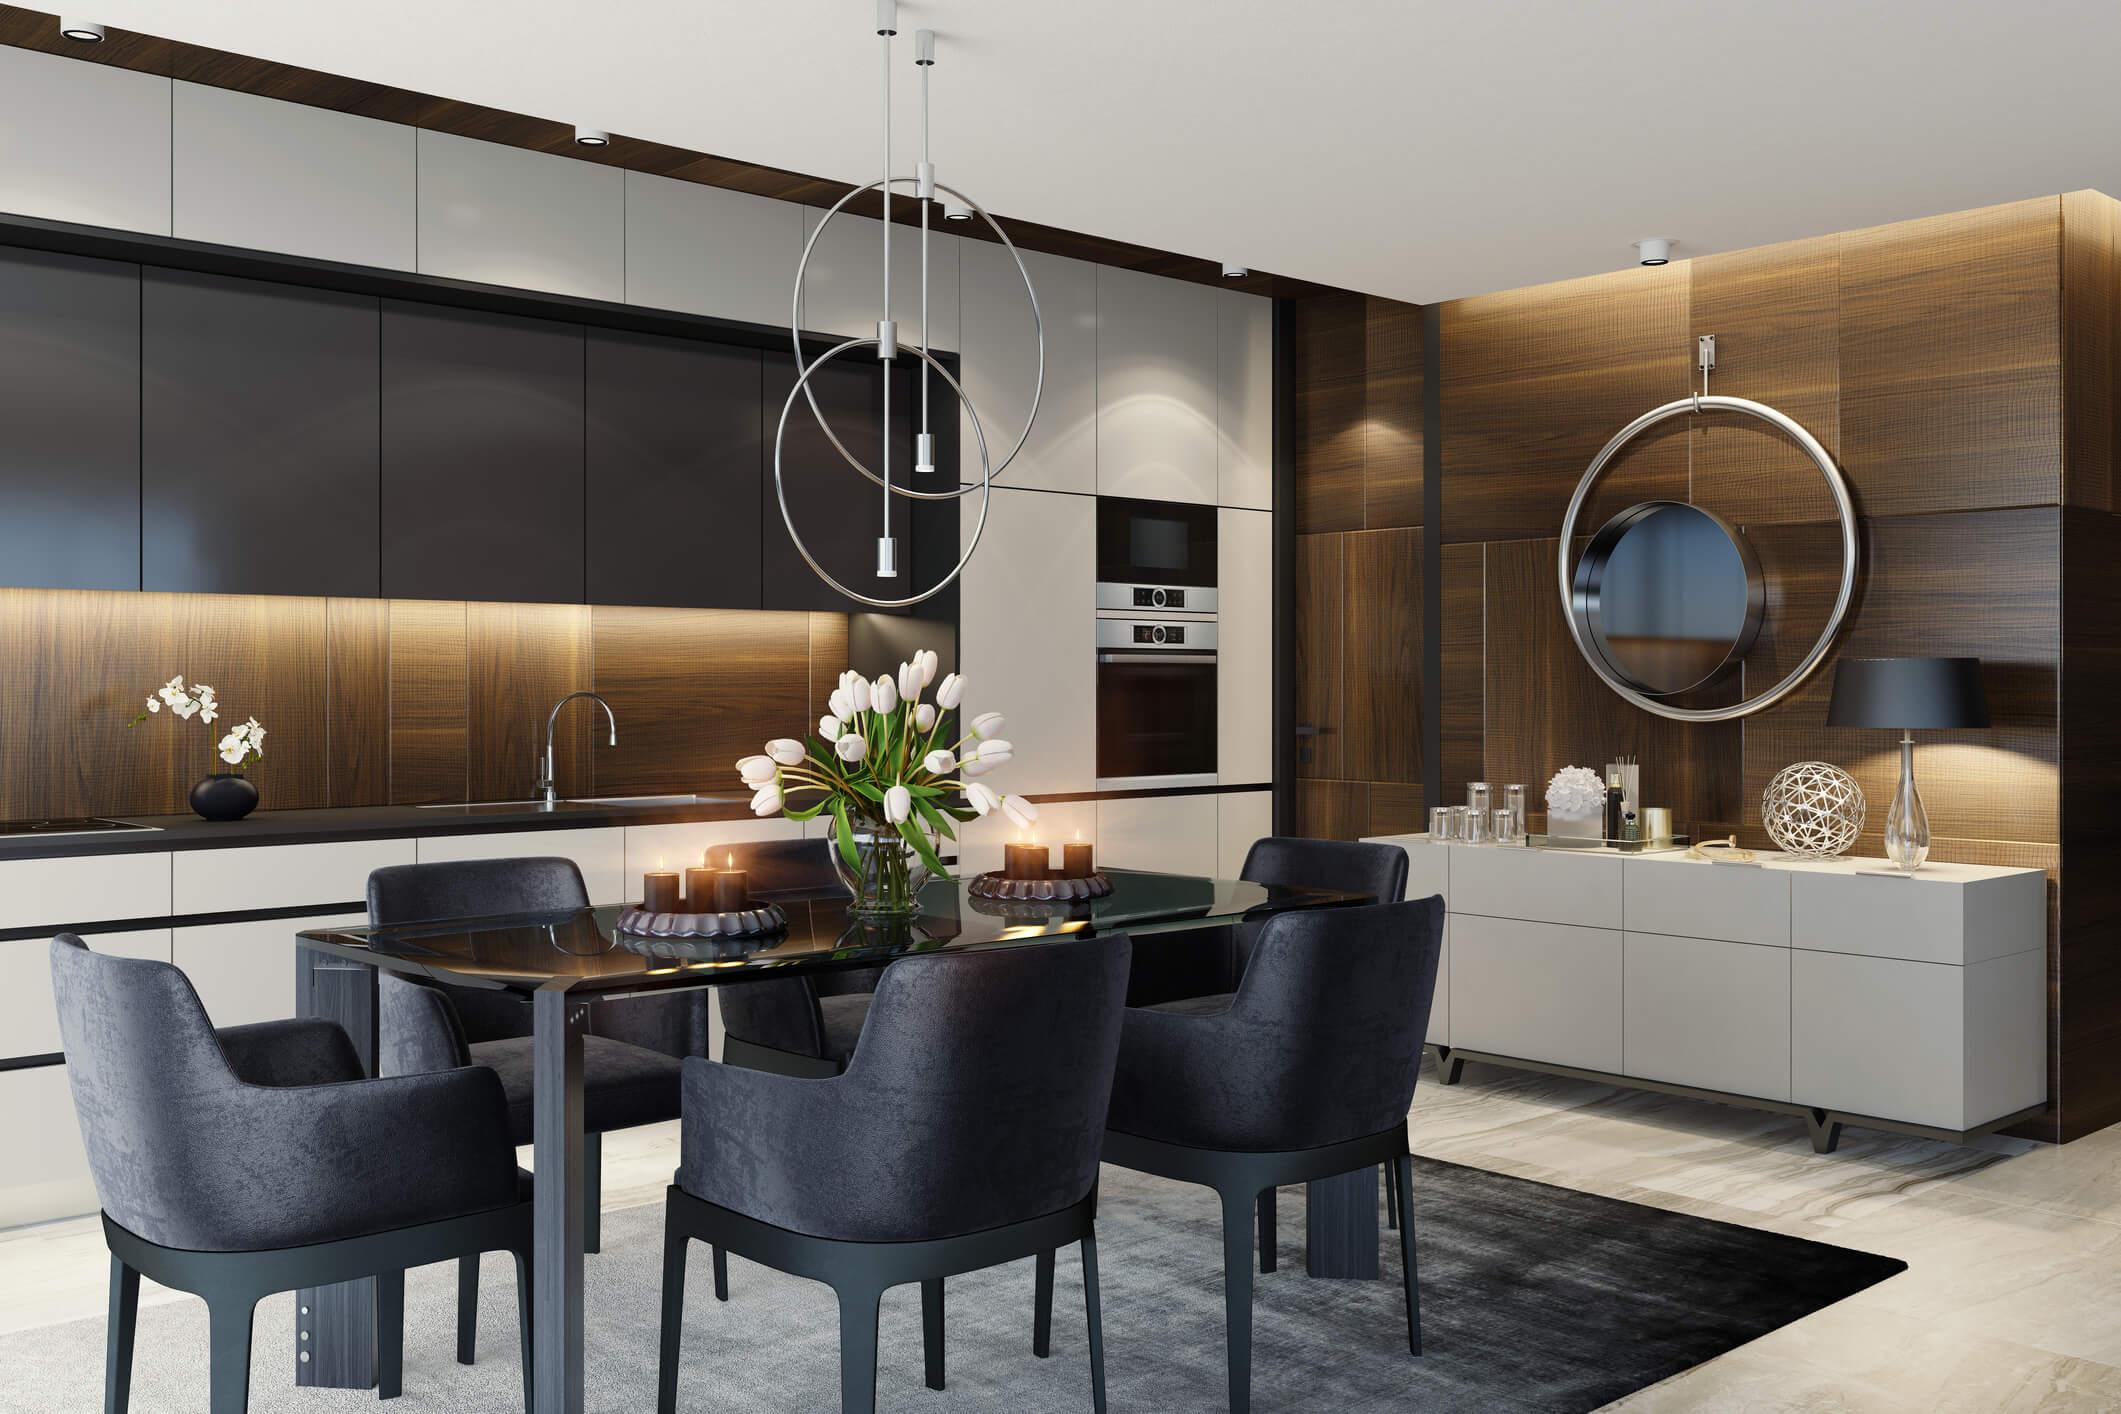 estilo de decoração cozinha contemporanea